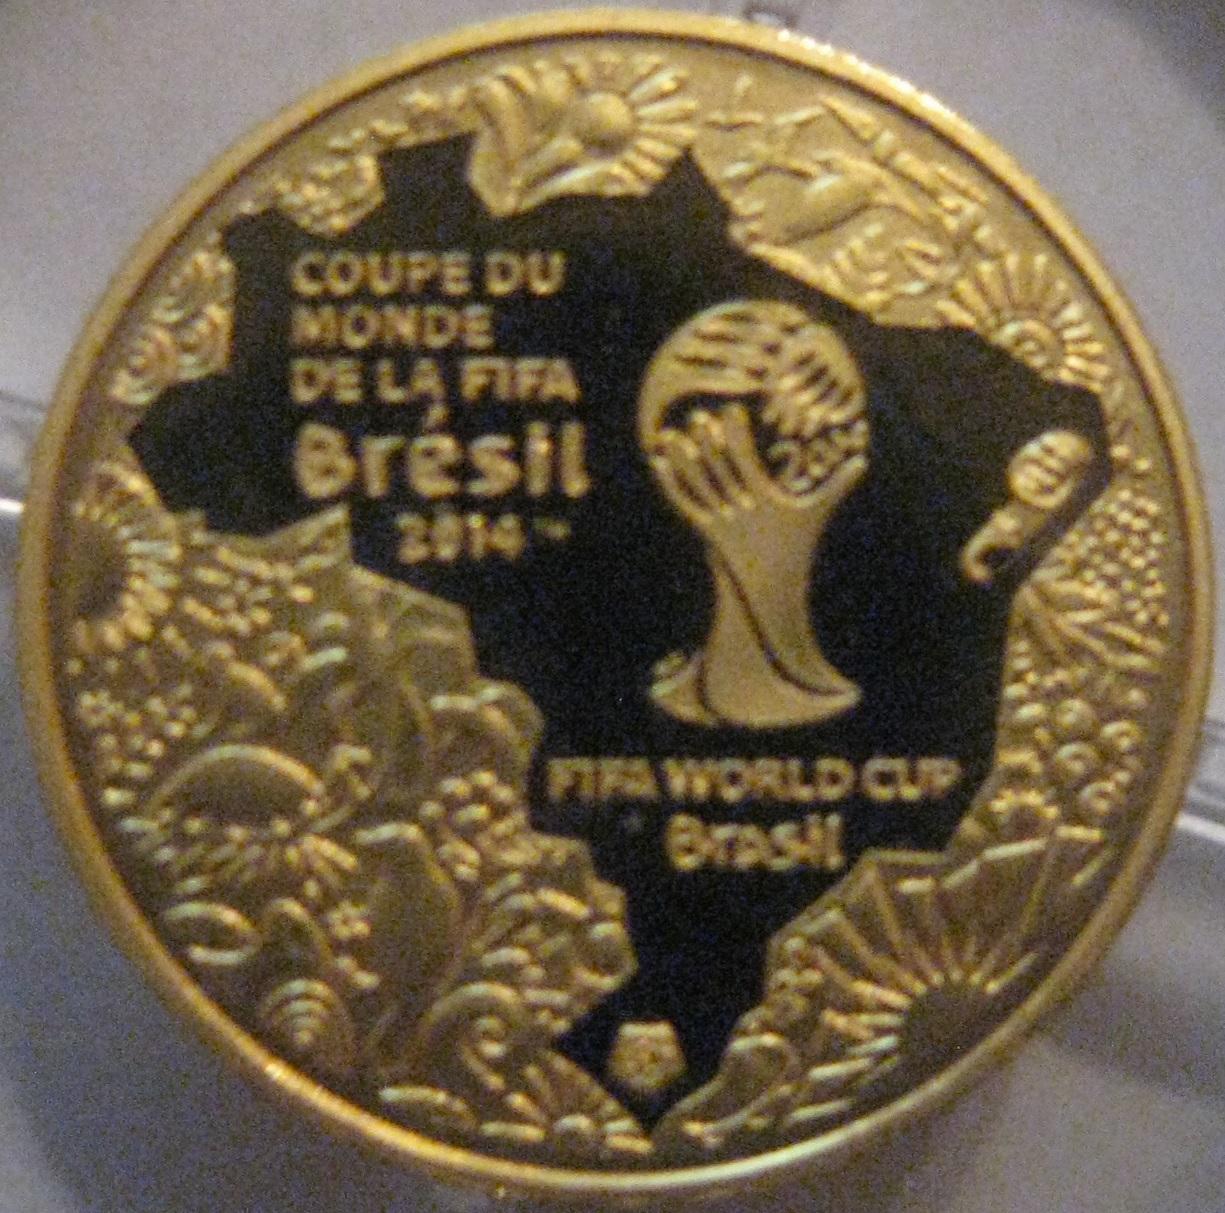 5 euro fifa coupe du monde au br sil 2014 france numista - Coupe du monde de la fifa bresil ps ...